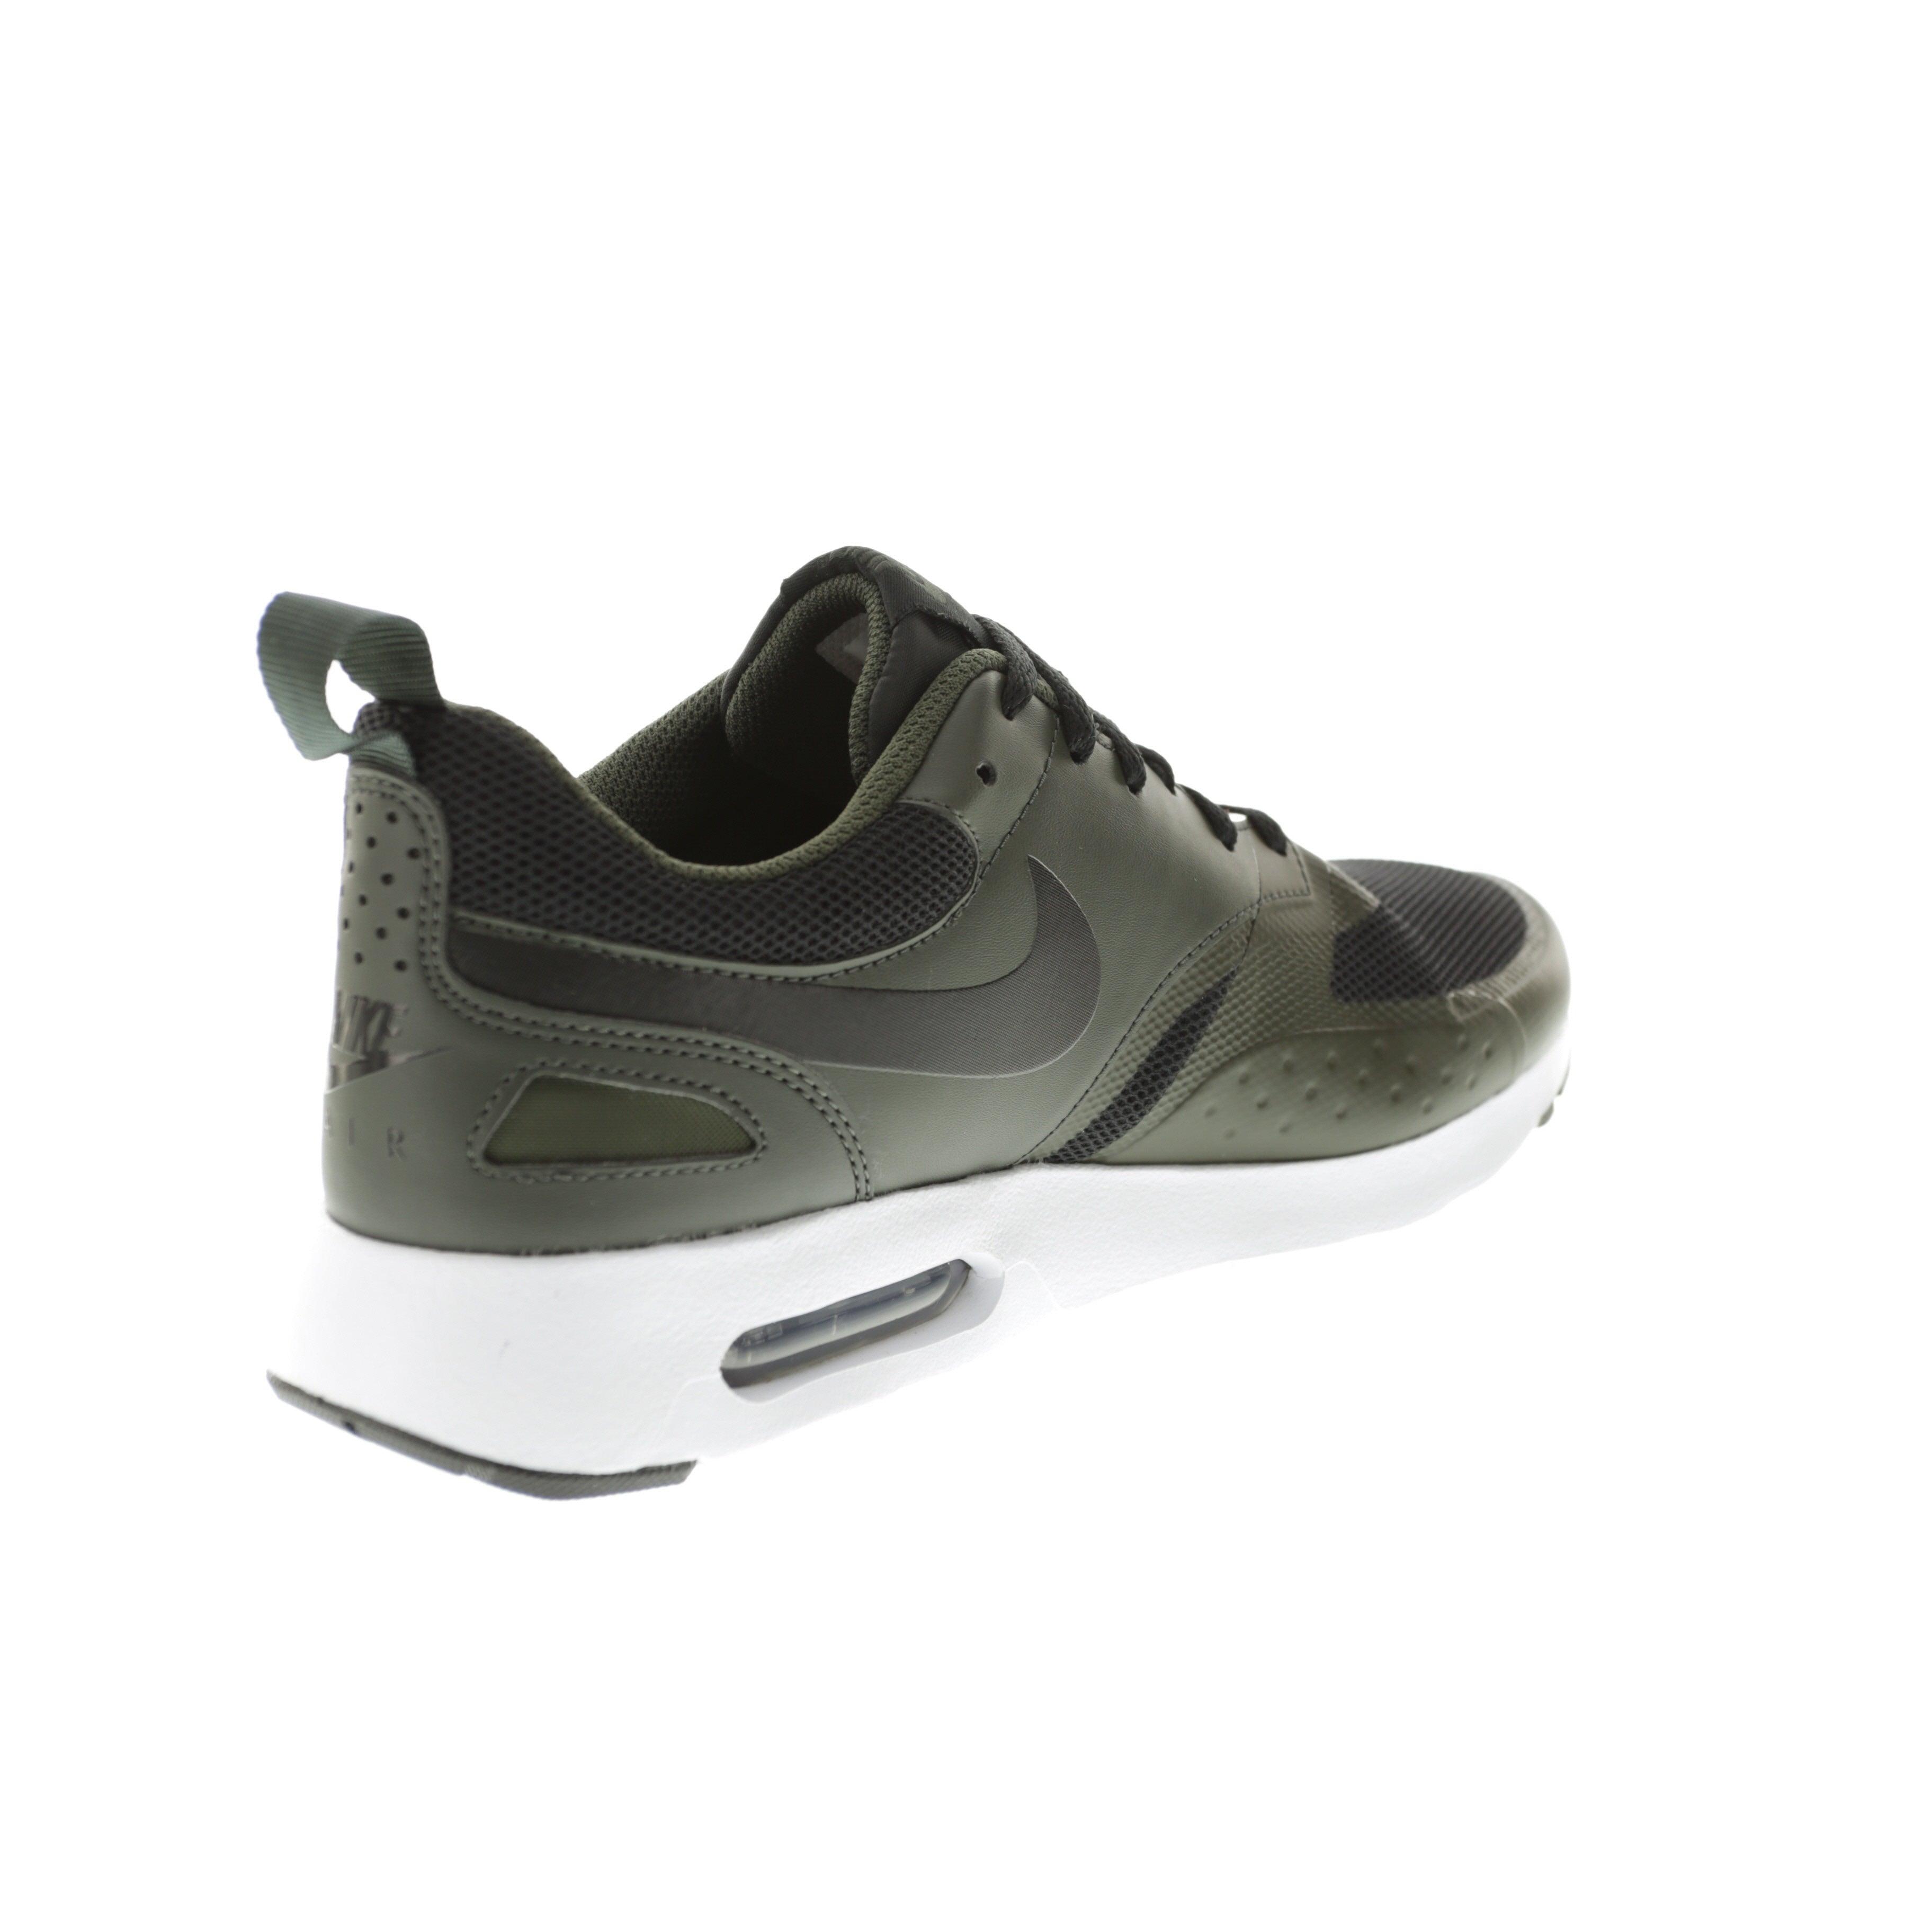 Nike Air Max Vision BlackWhiteAnthracite Shoes